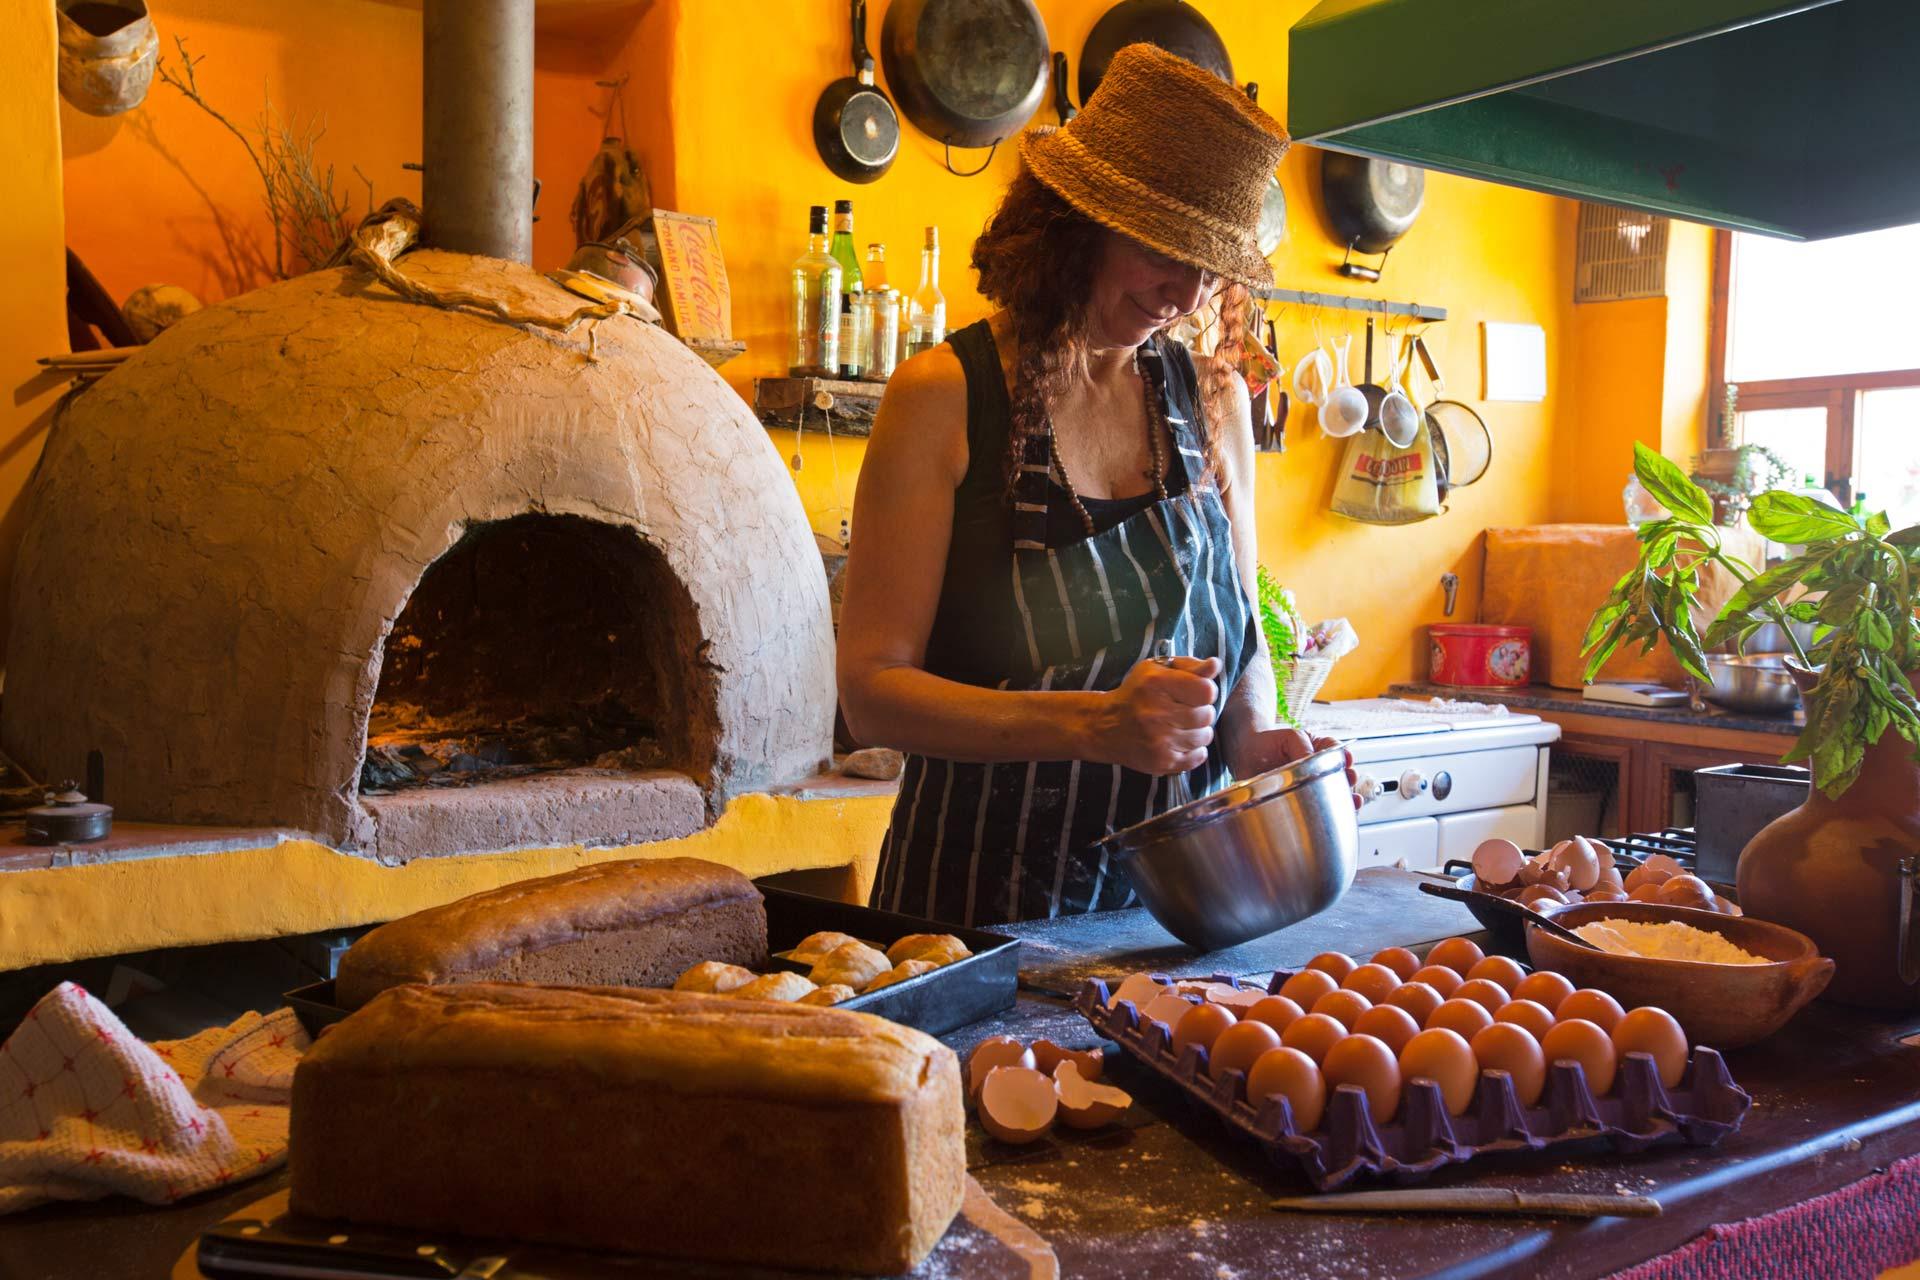 Alejandra kocht und backt glutenfrei in Tilcara